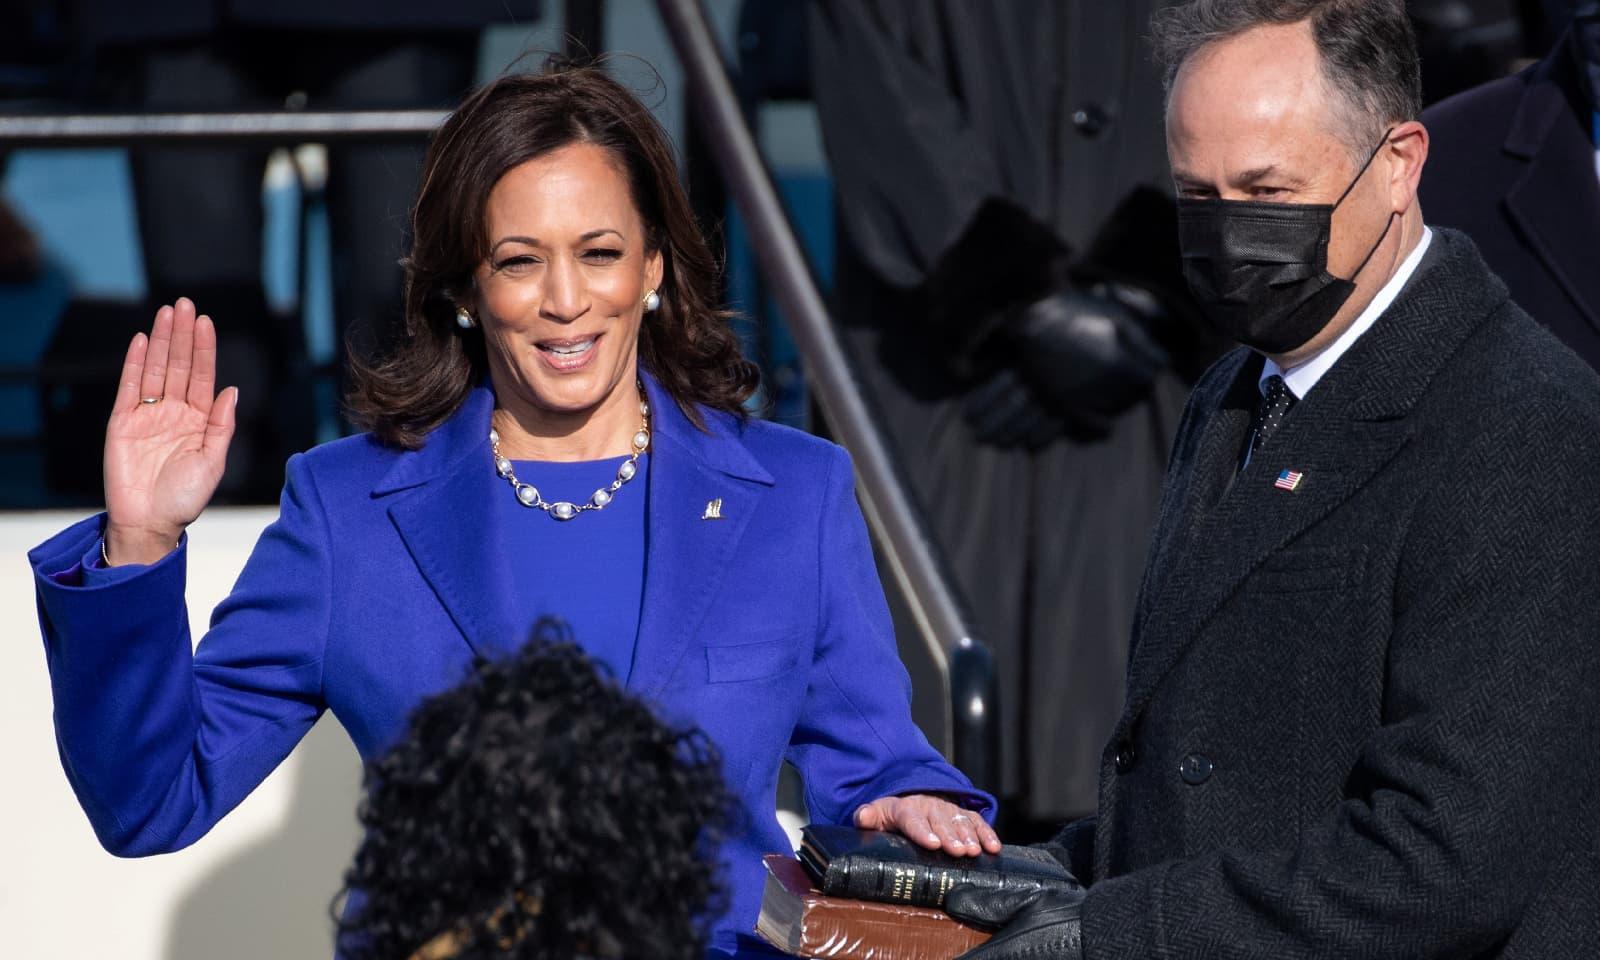 بائیڈن سے قبل کمالا ہیرس نے امریکی تاریخ میں پہلی مرتبہ خاتون نائب صدرکی حیثیت سے حلف اٹھایا — فوٹو: رائٹرز